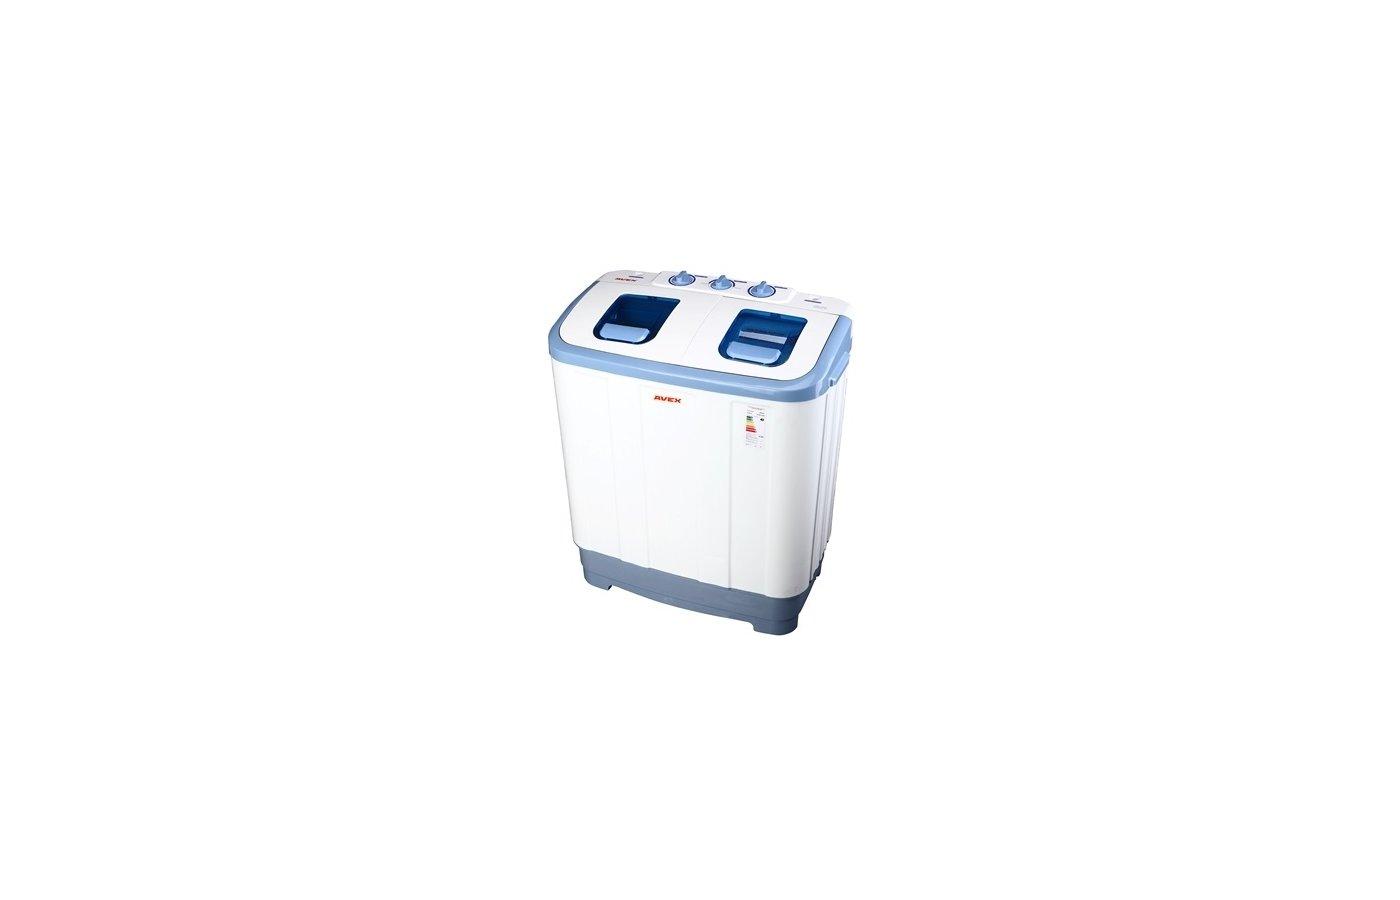 Стиральная машина AVEX XPB 65-55AW